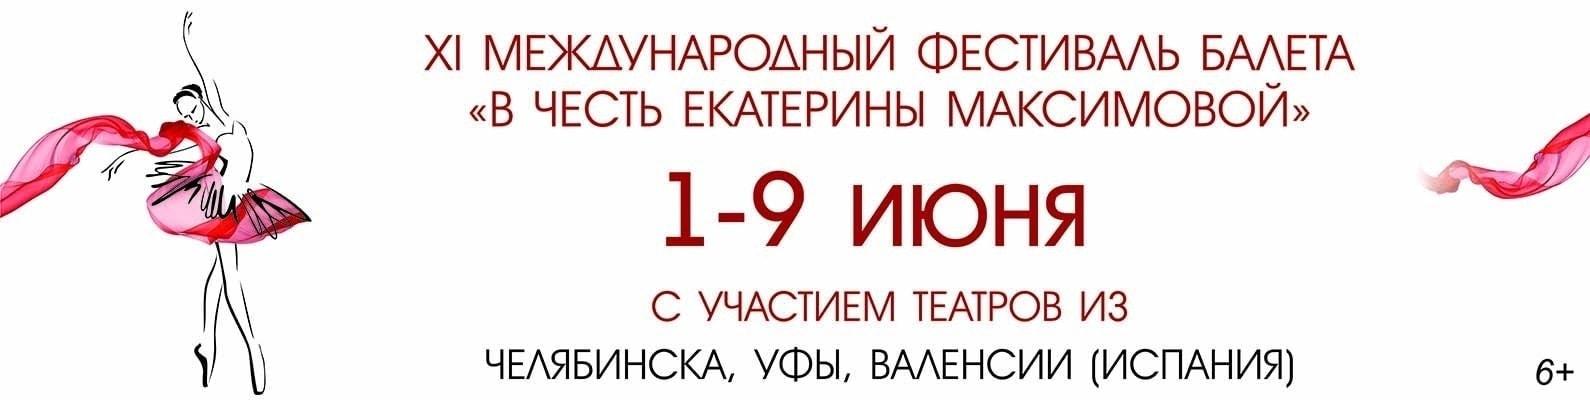 XI Международный фестиваль «В честь Екатерины Максимовой»